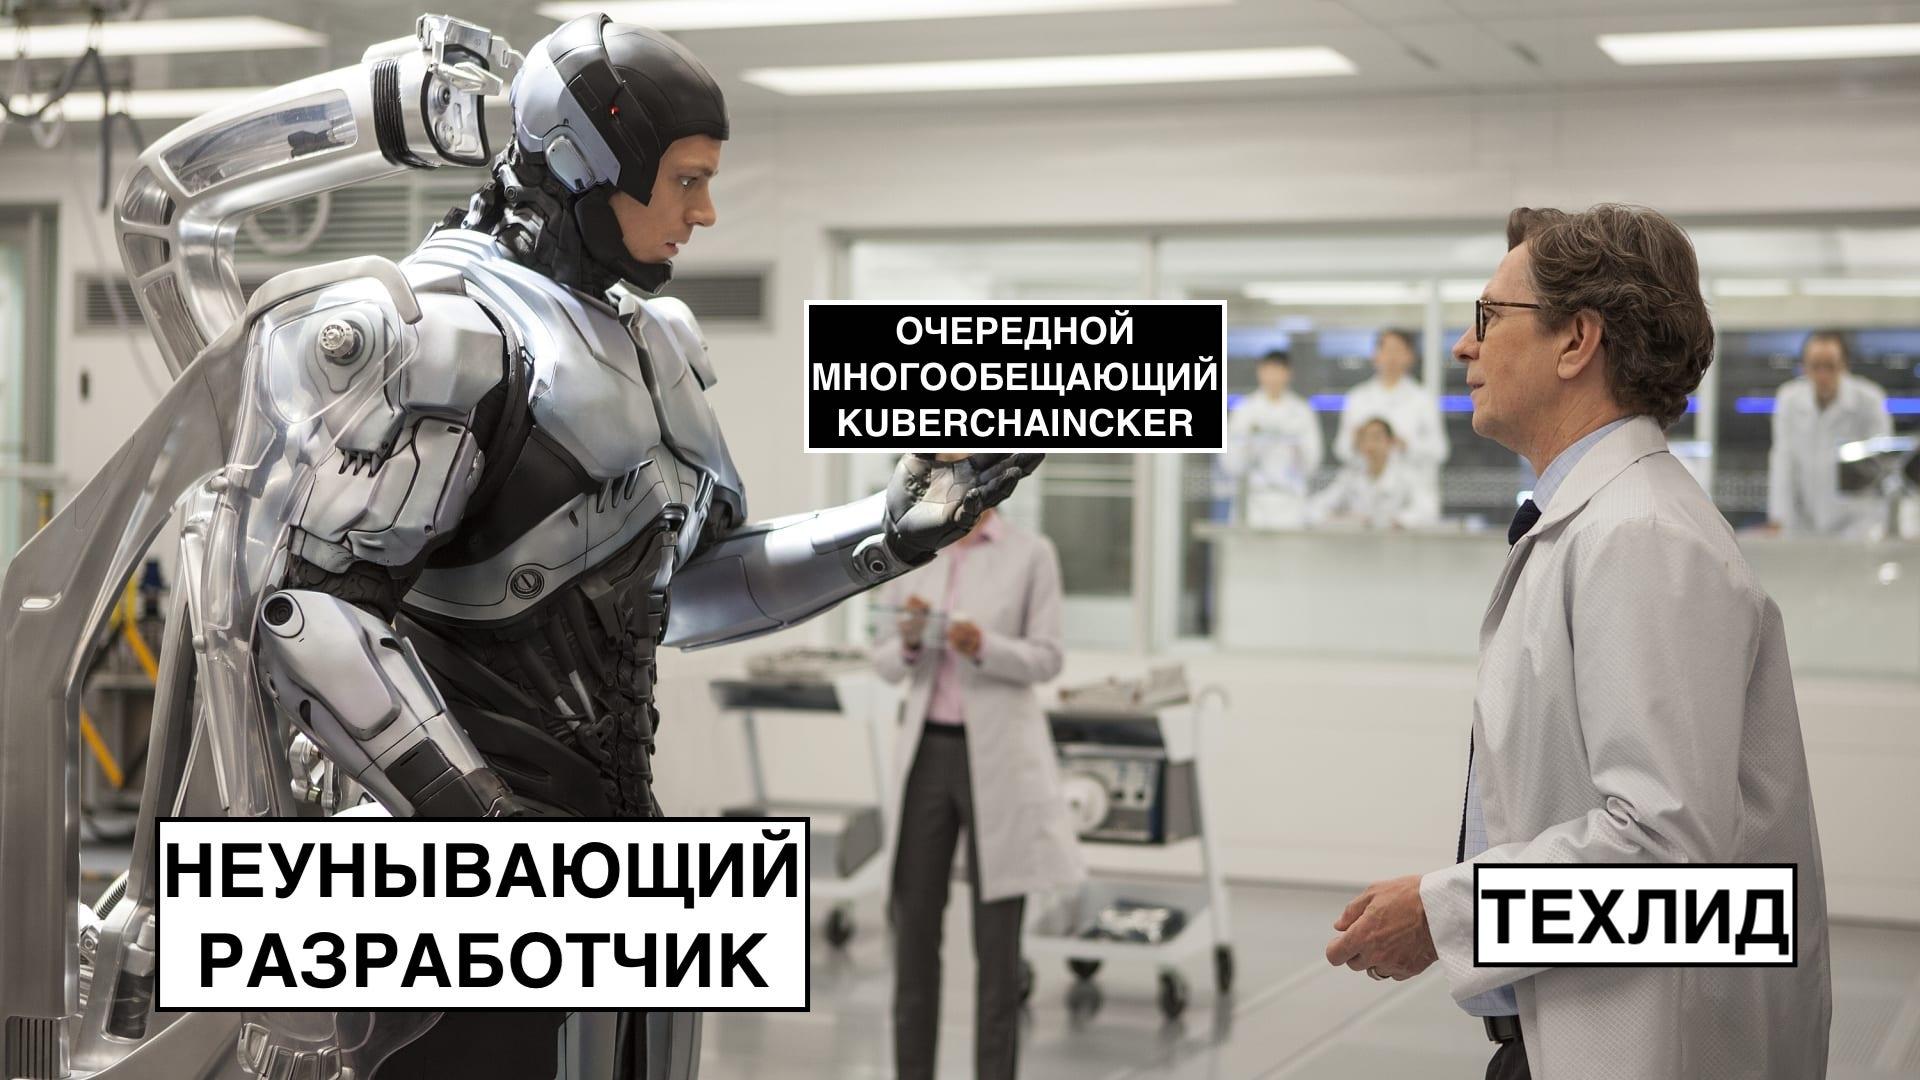 Кадр из фильма Робокоп